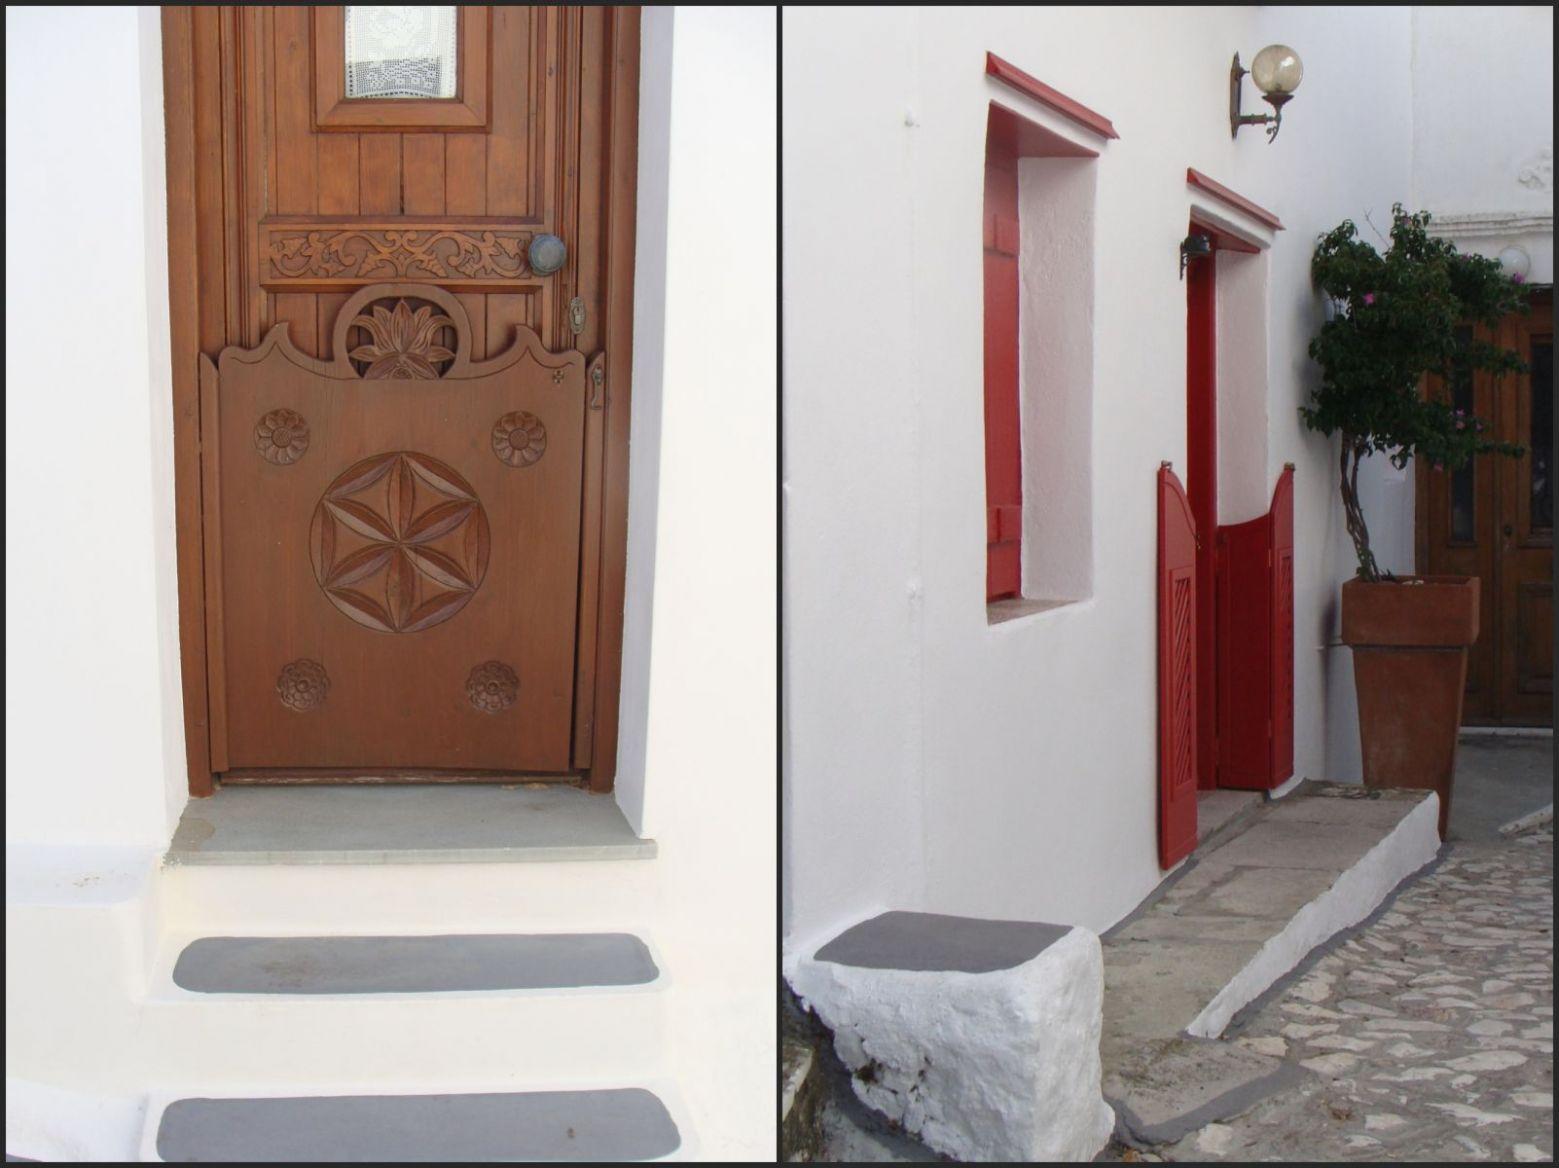 vrata.thumb.jpg.7929d7baabb8c6f0c85cd5a9